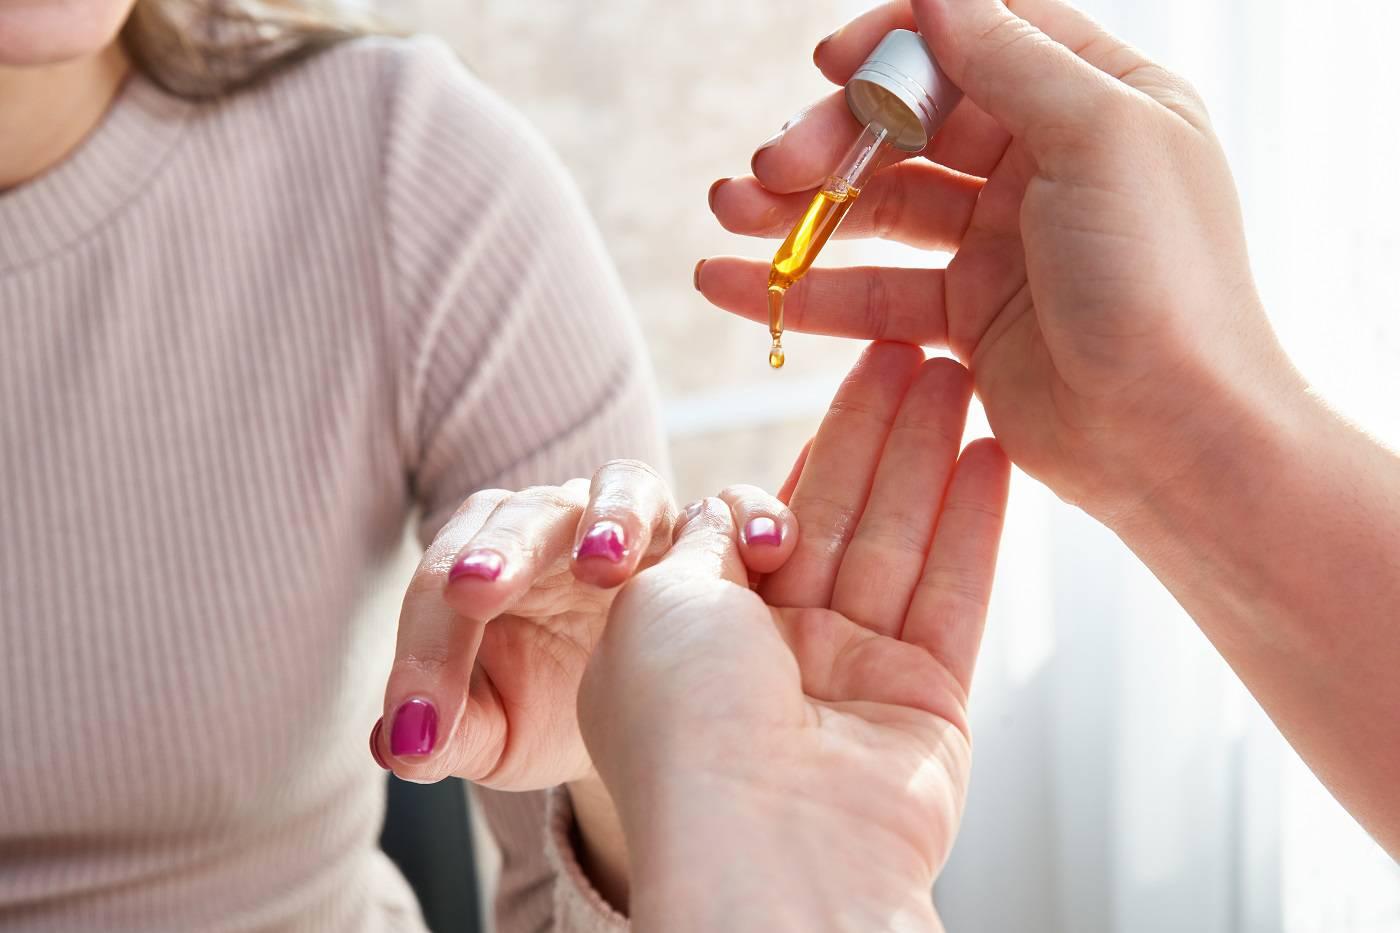 female-hand-applying-oil-nails